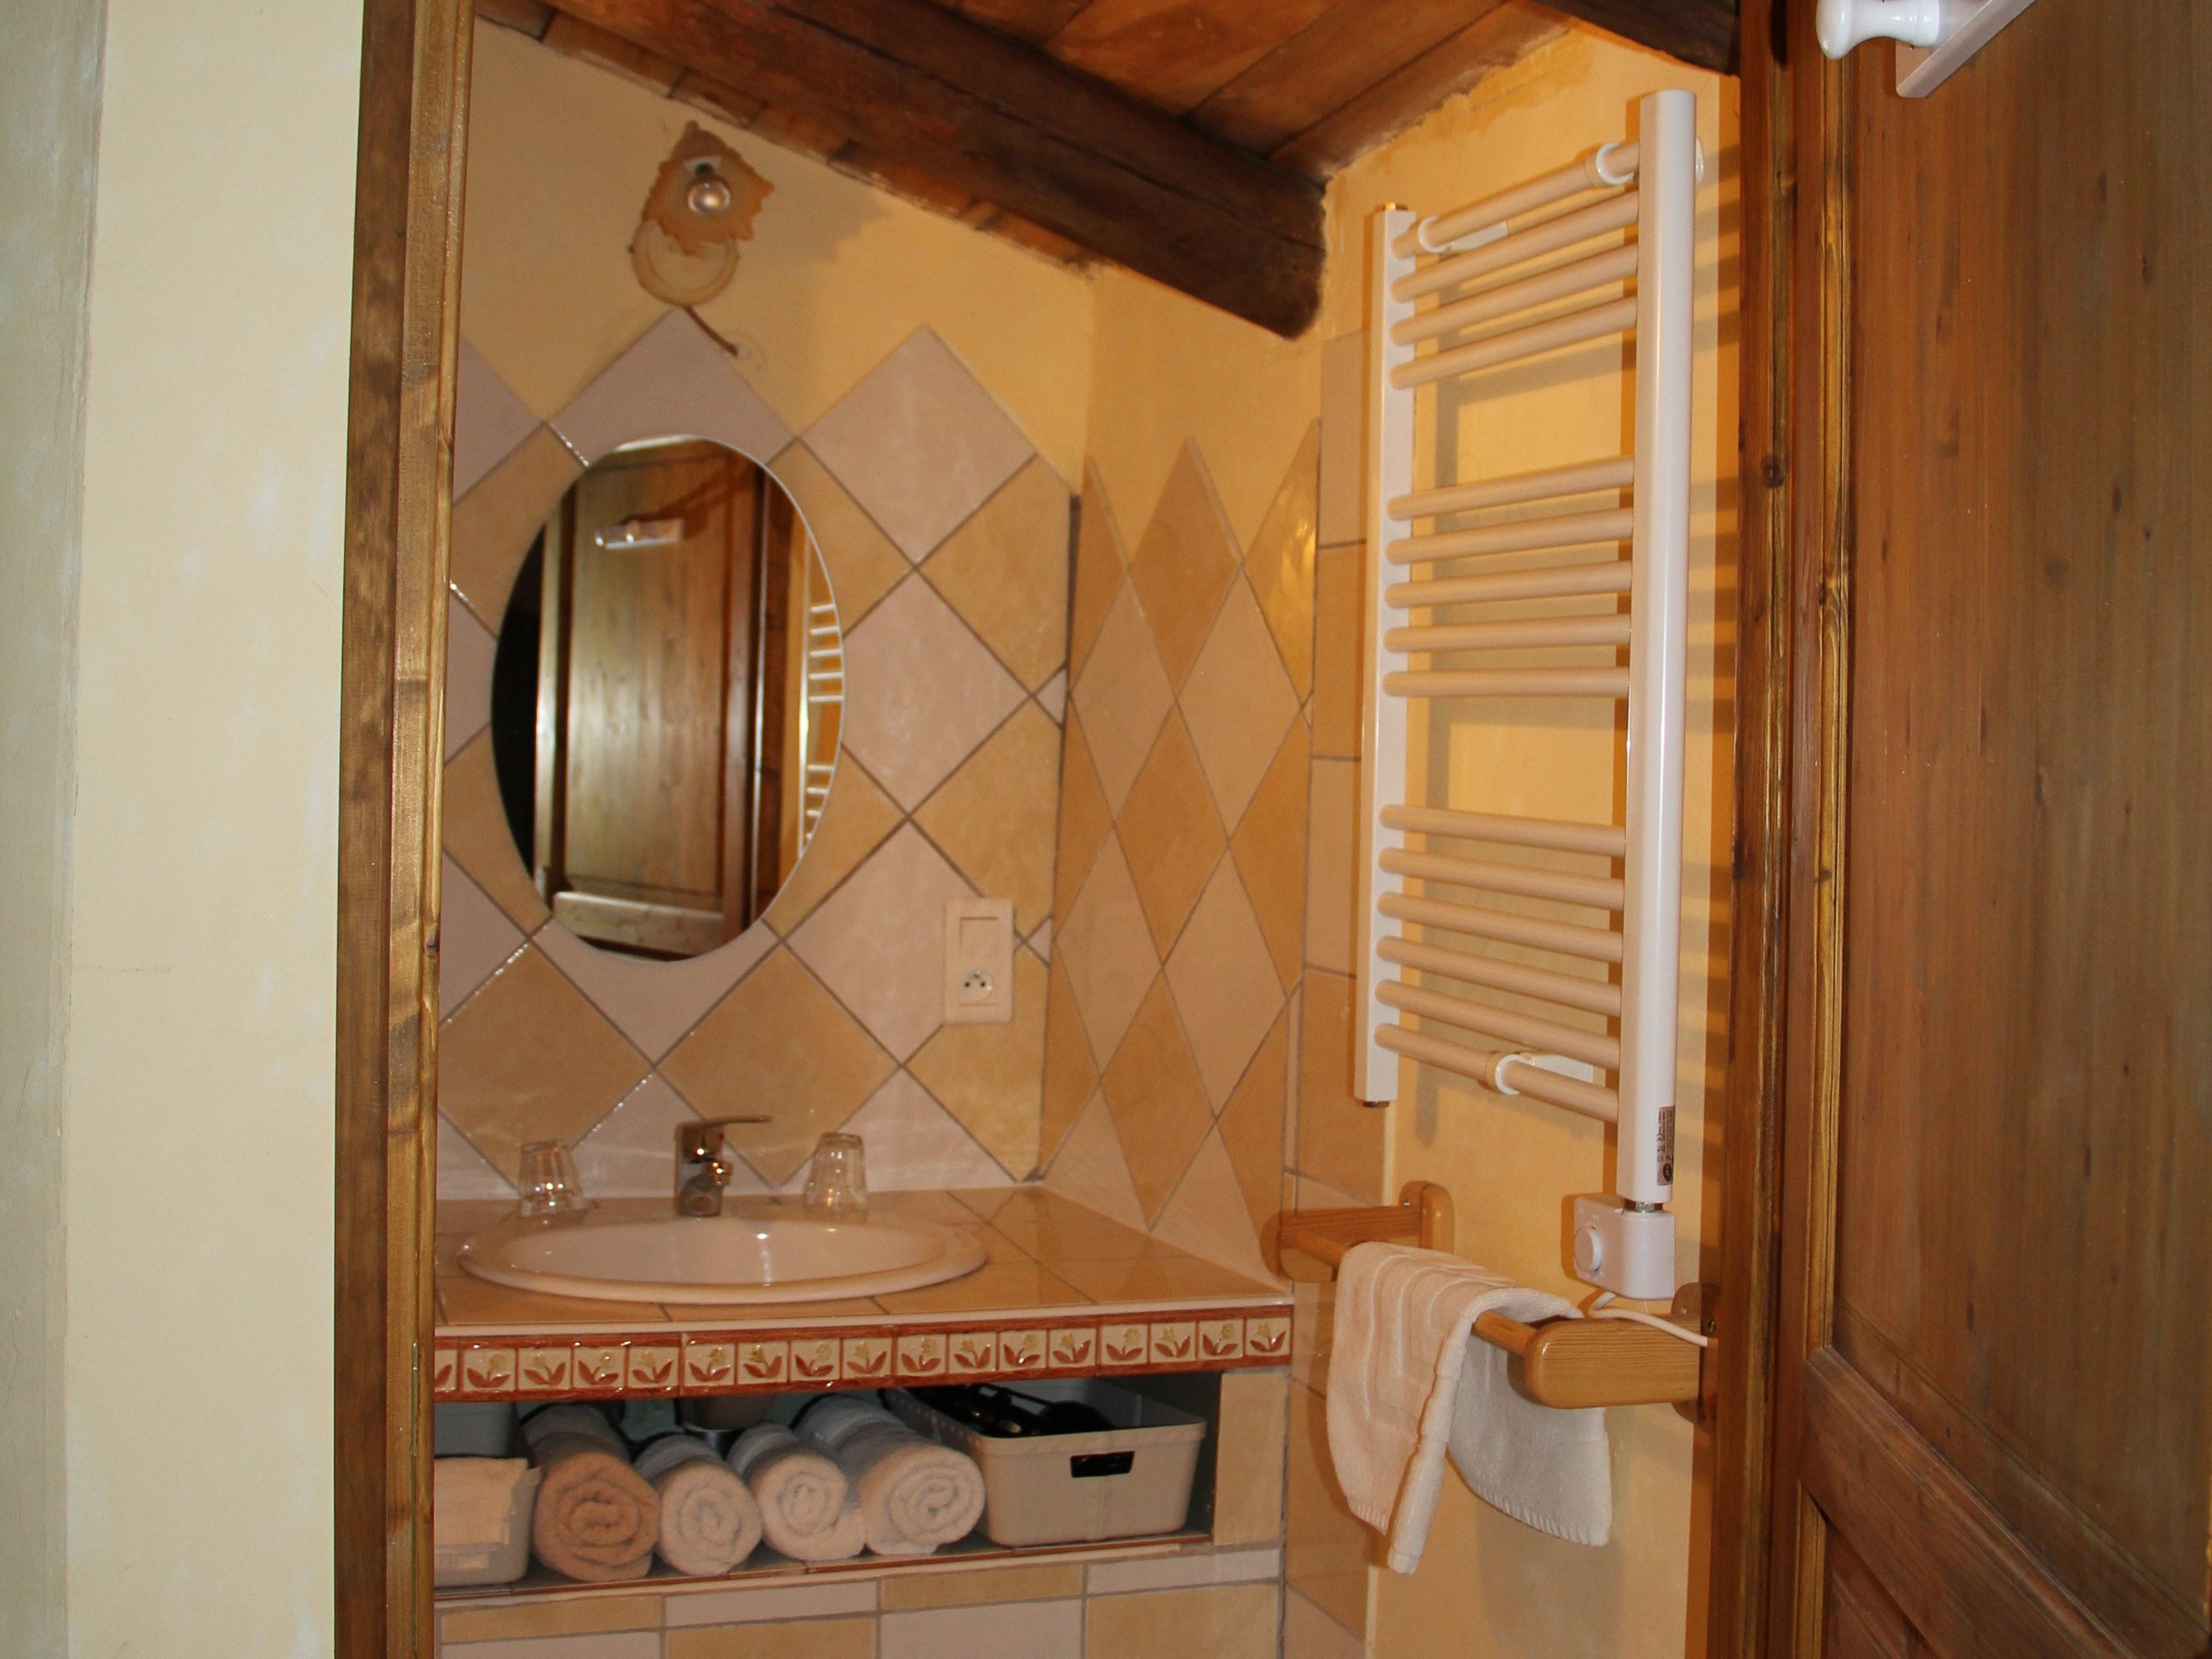 salle-de-bain-miroir-serviette-porte